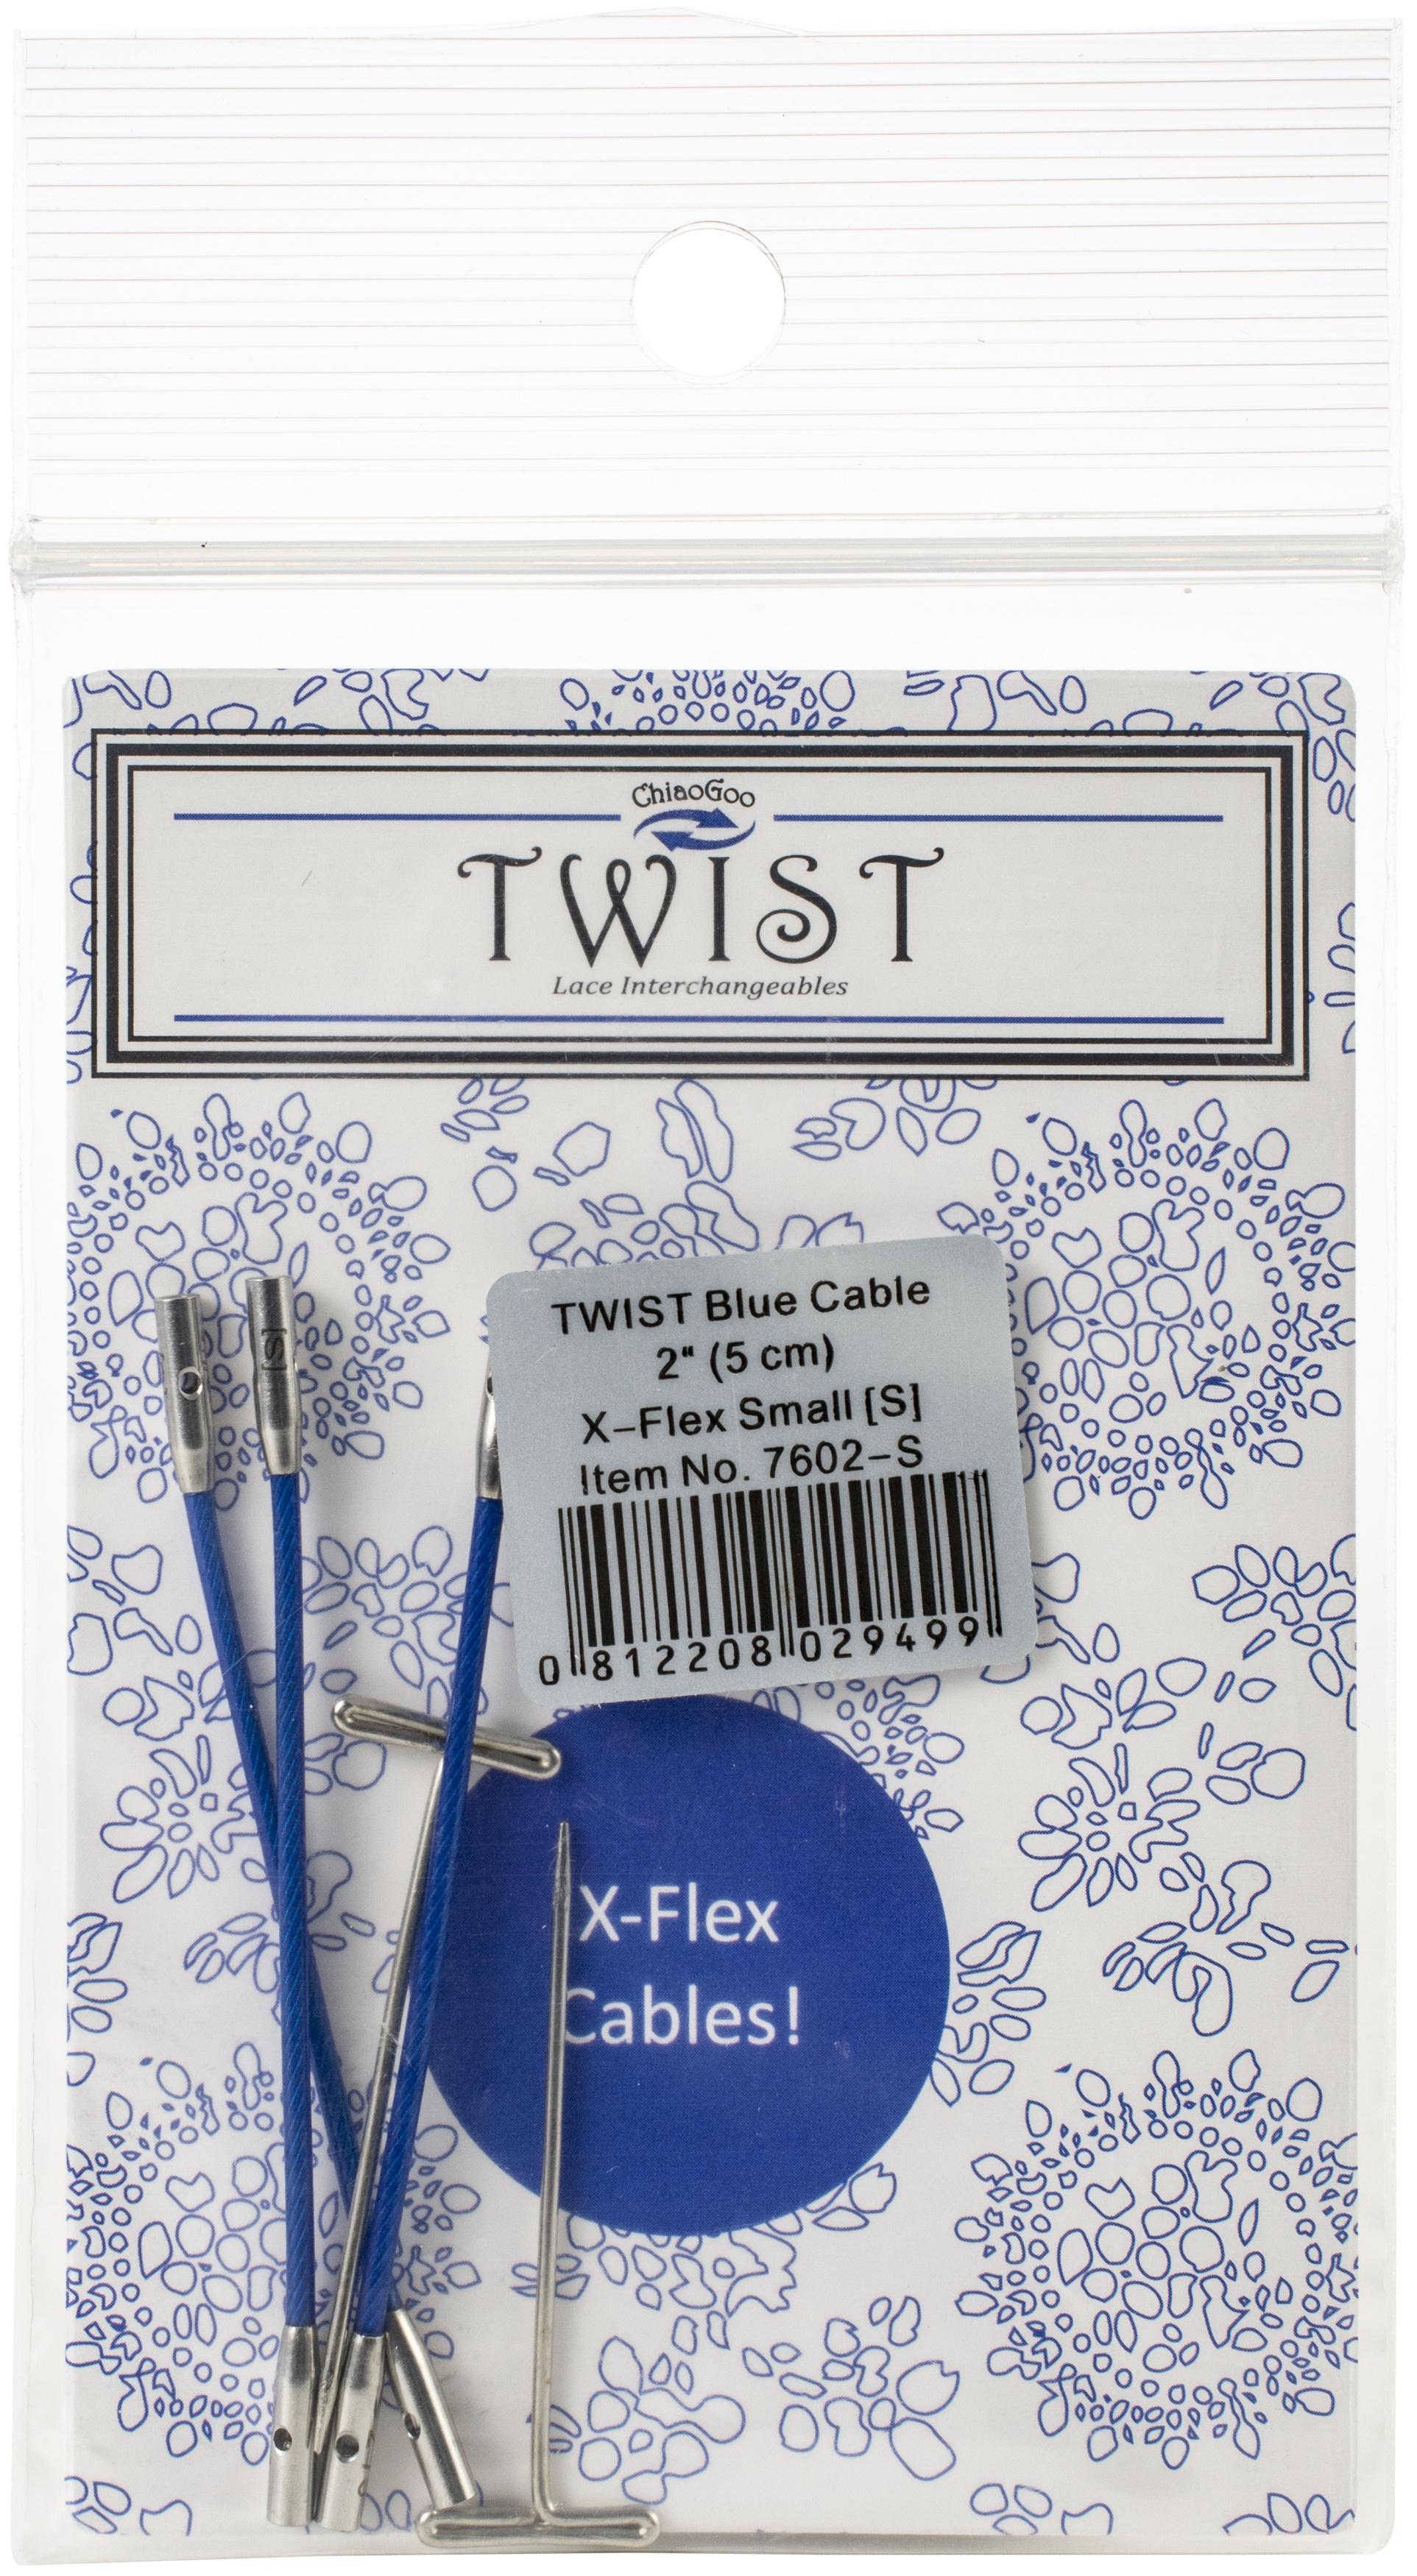 ChiaoGoo TWIST X-Flex Cable Small Diameter 2-Blue